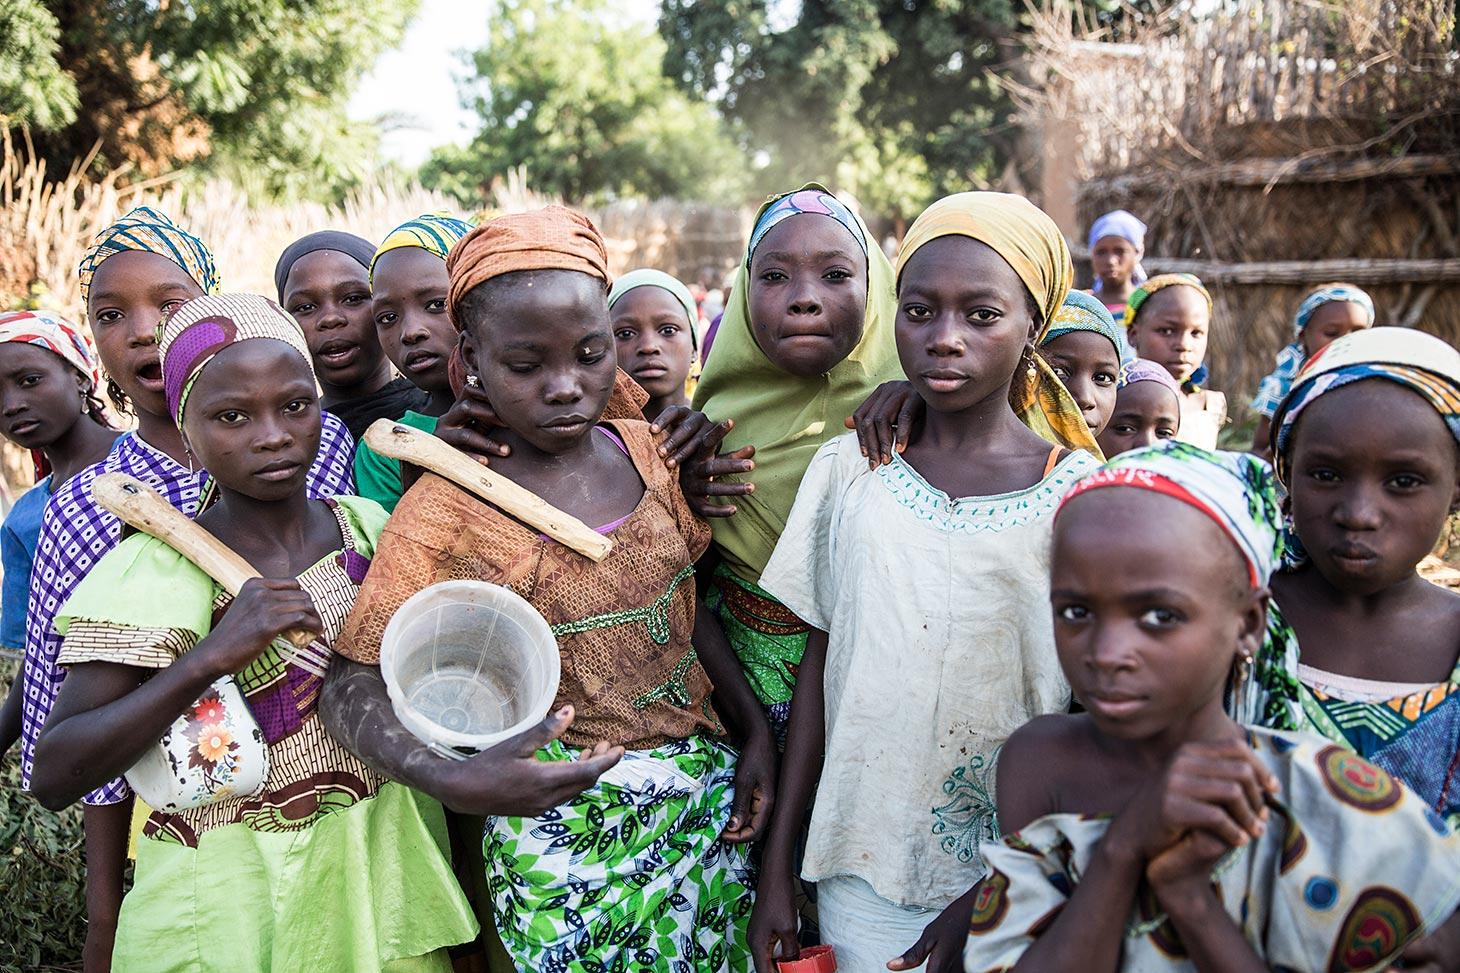 کمک علمای دینی به مبارزه با ازدواج کودکان در نیجریه